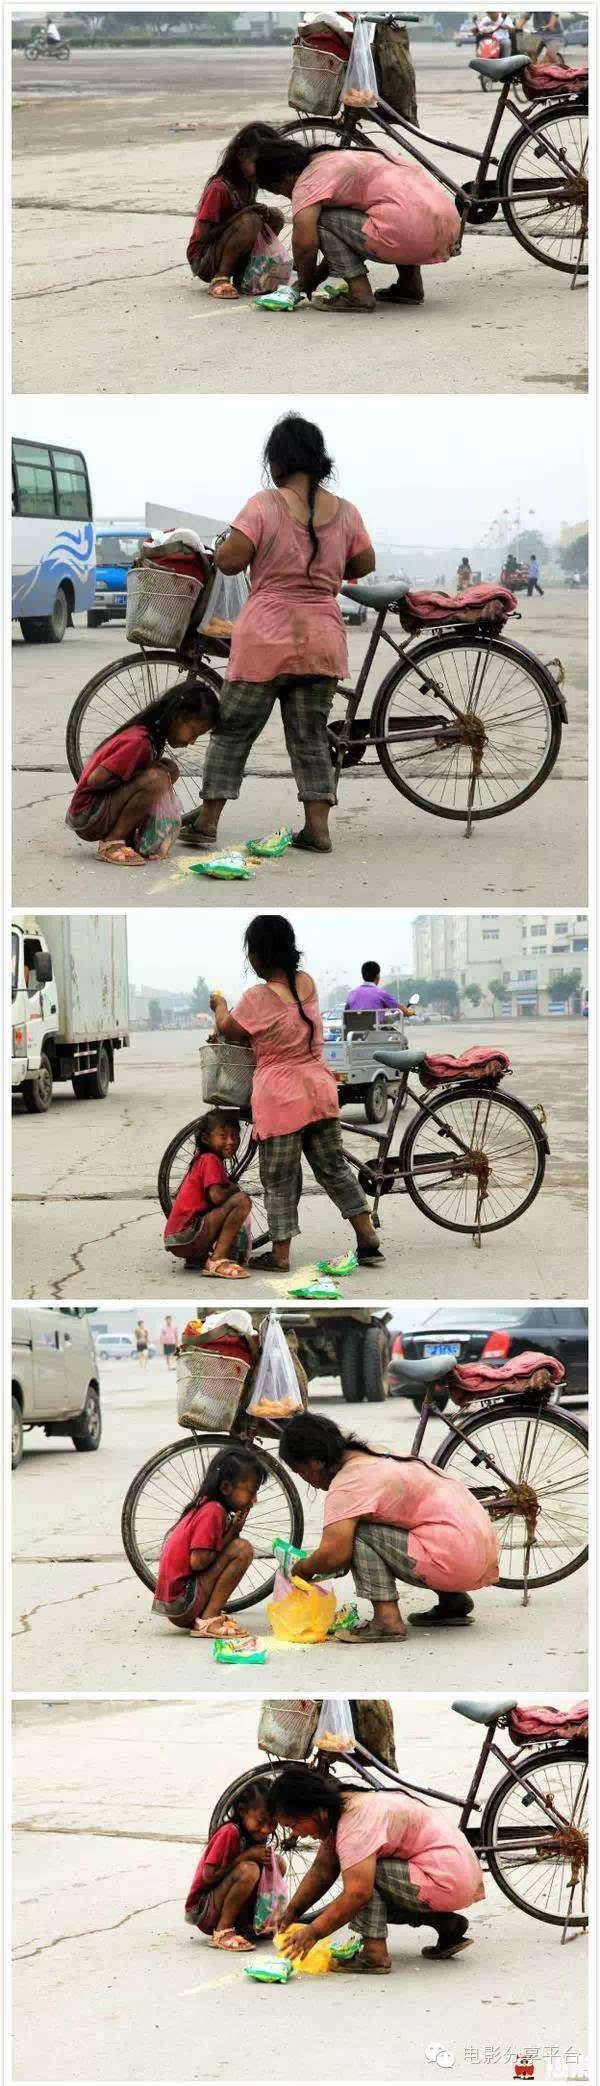 引起全社会共鸣的照片!第一张就震惊了!